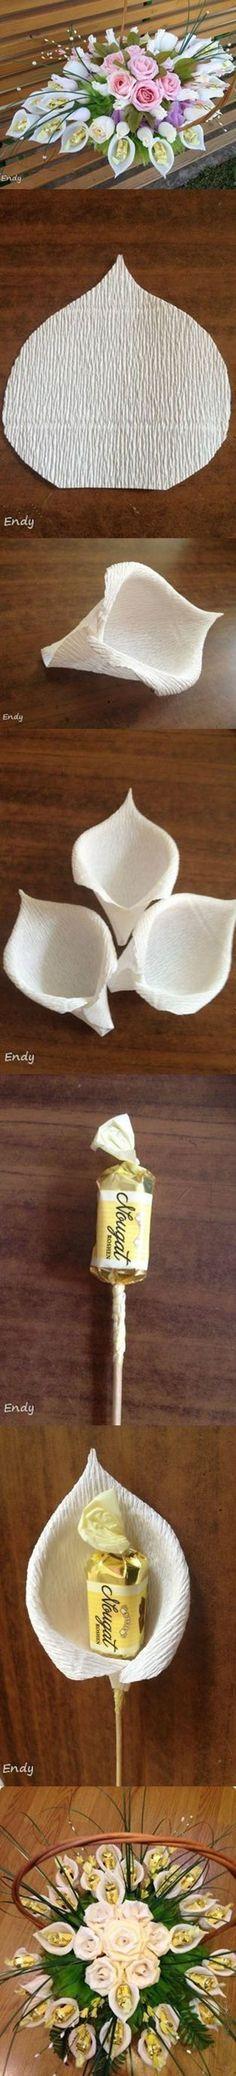 Flower bouquet tutorial  | DIY & Crafts Tutorials